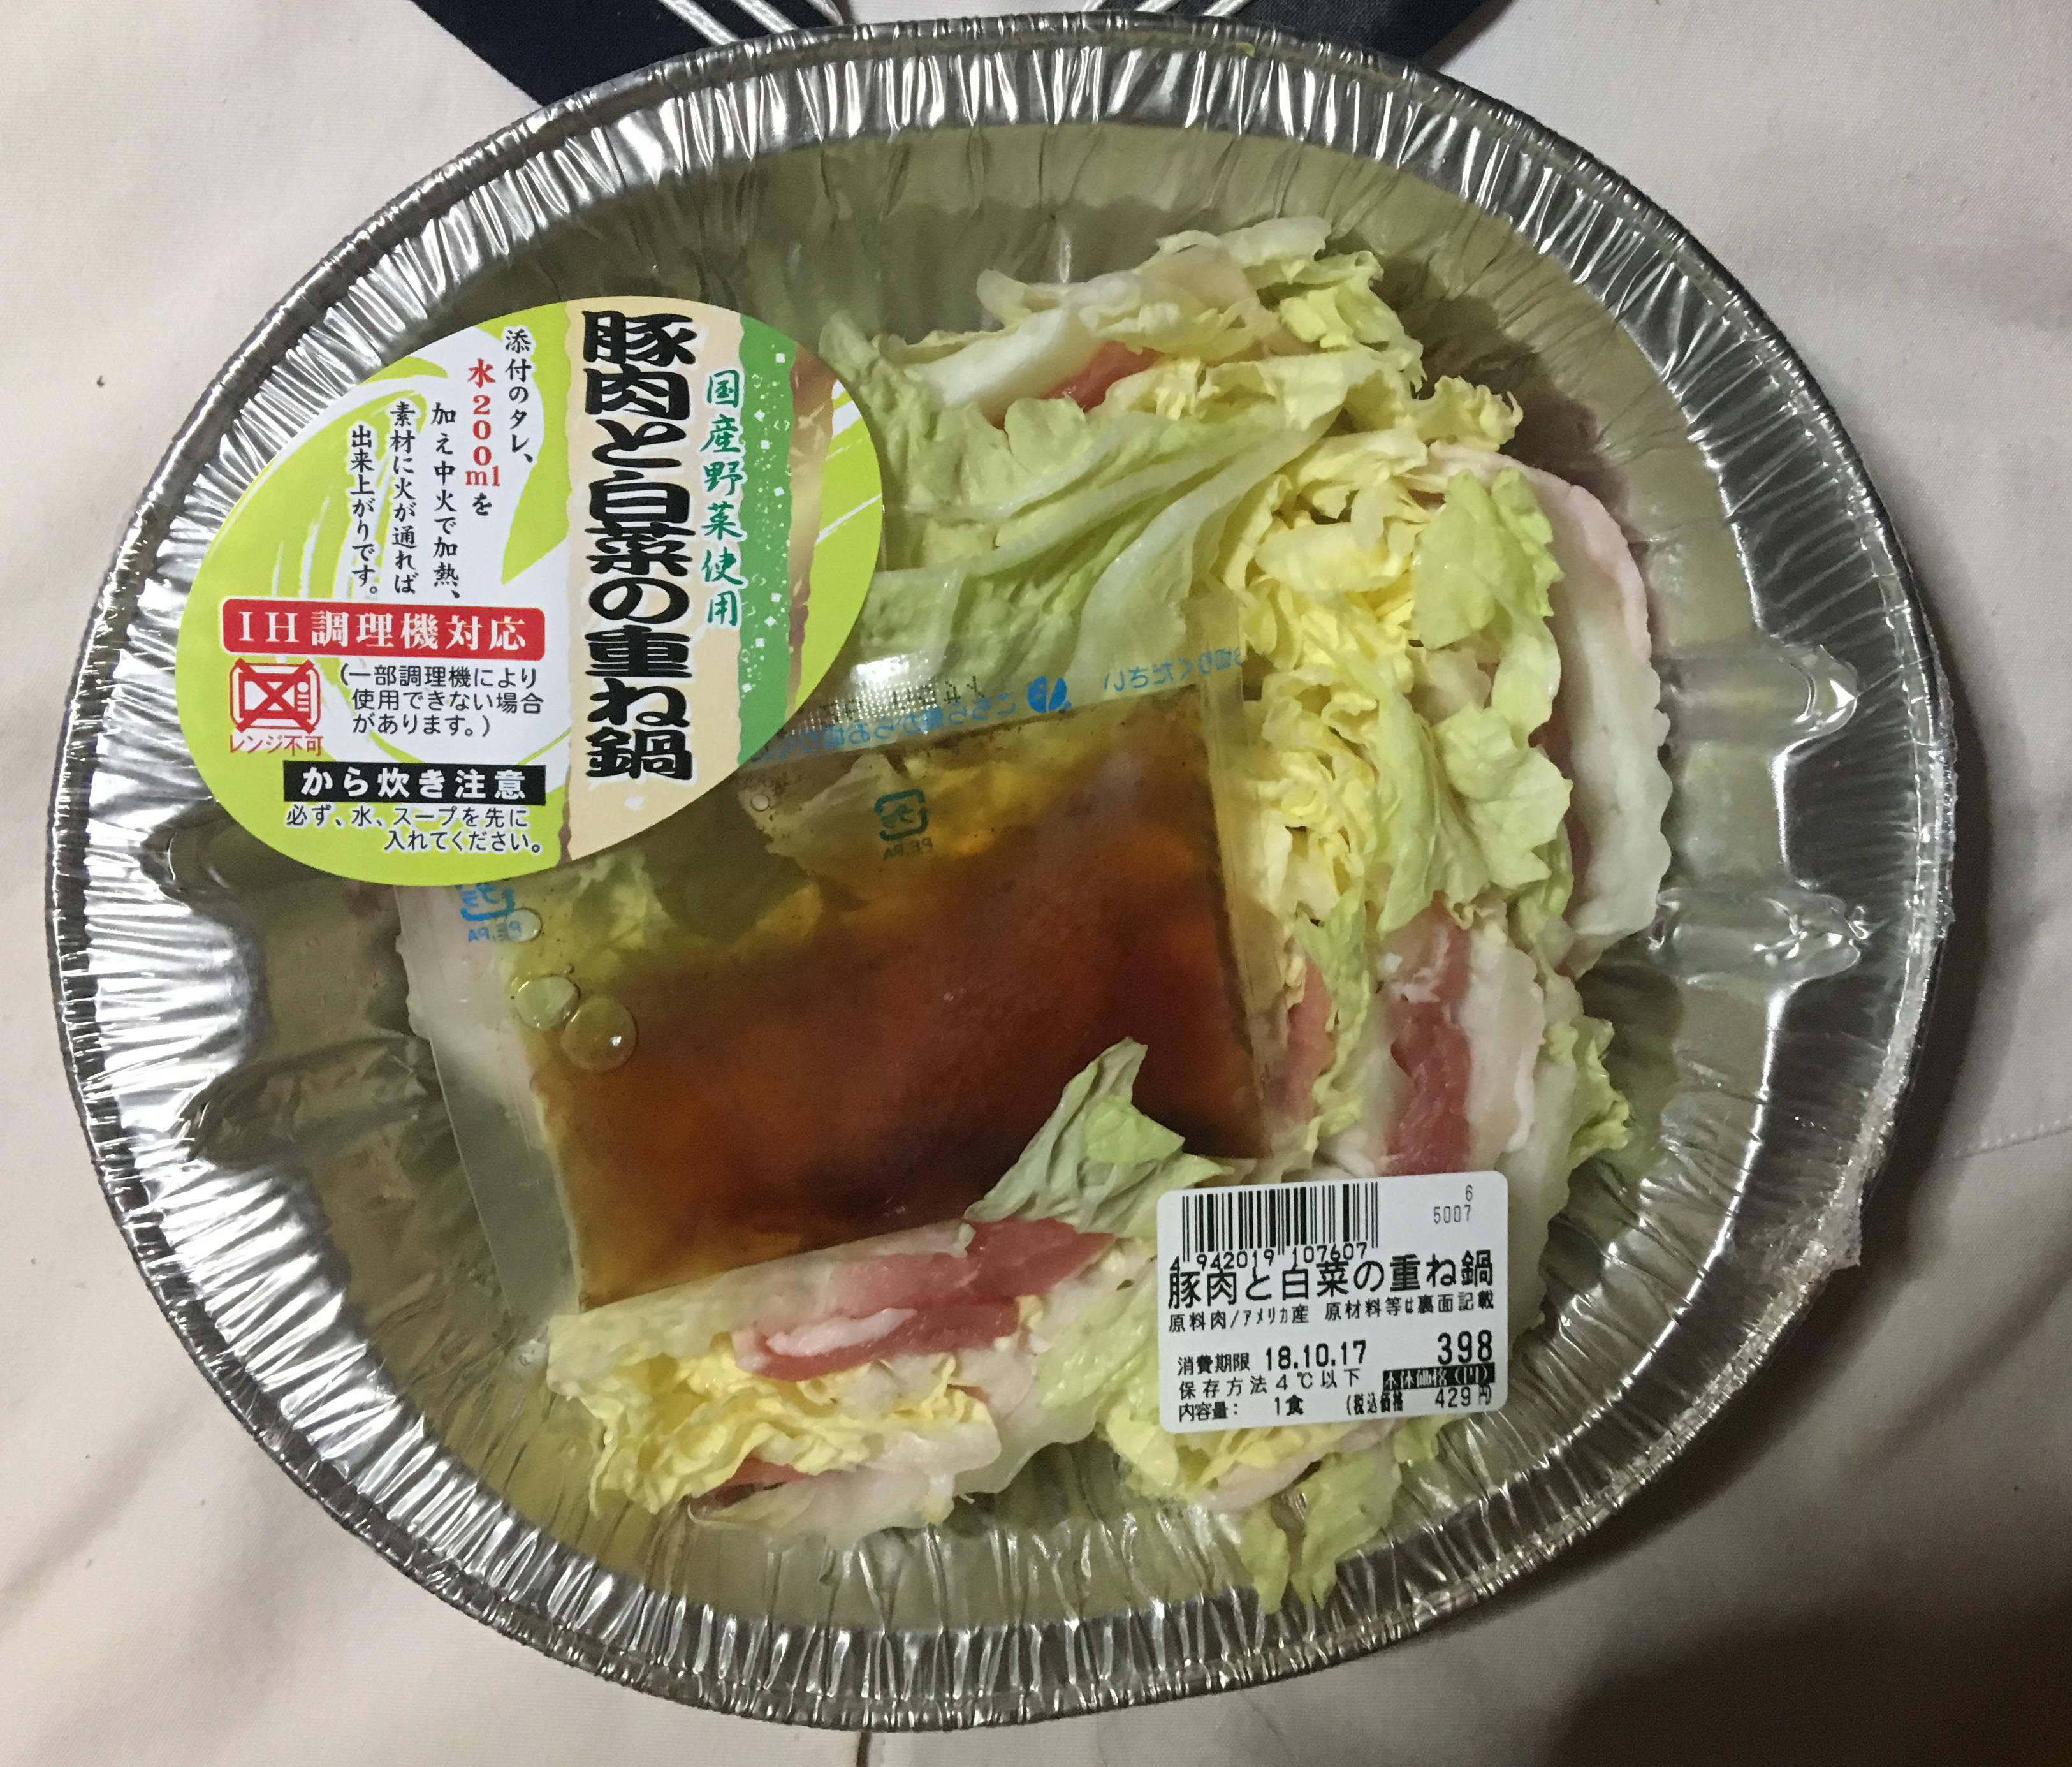 鍋の素(豚肉白菜鍋)はまいばすけっとで購入した物